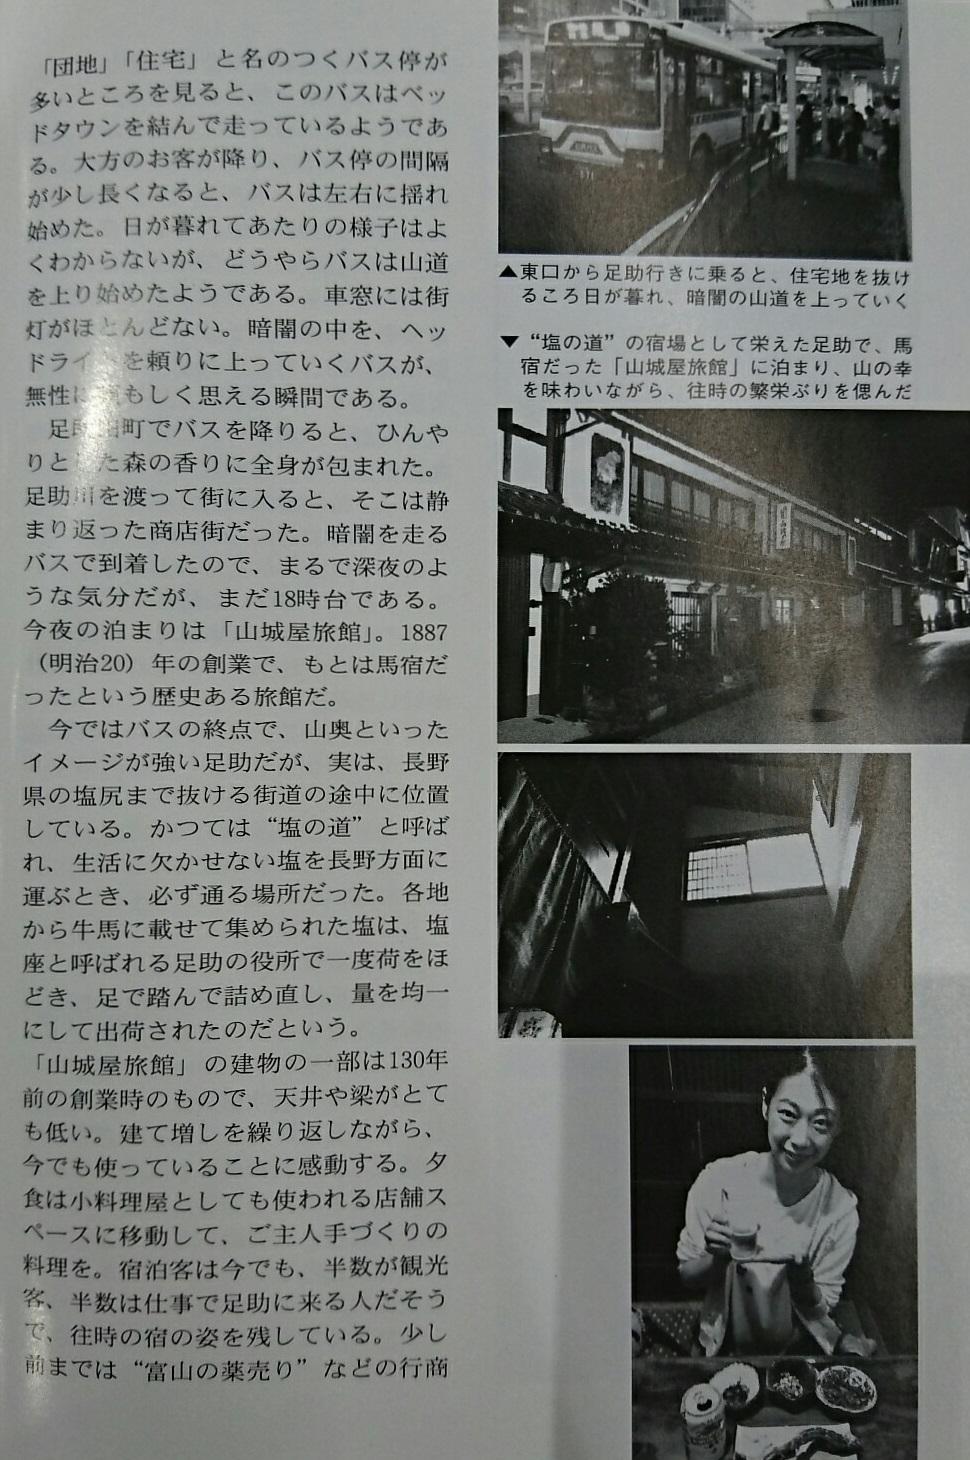 名鉄バス - 谷口礼子さん『尾張、三河の史跡と伝統産業』 (10) 970-1460